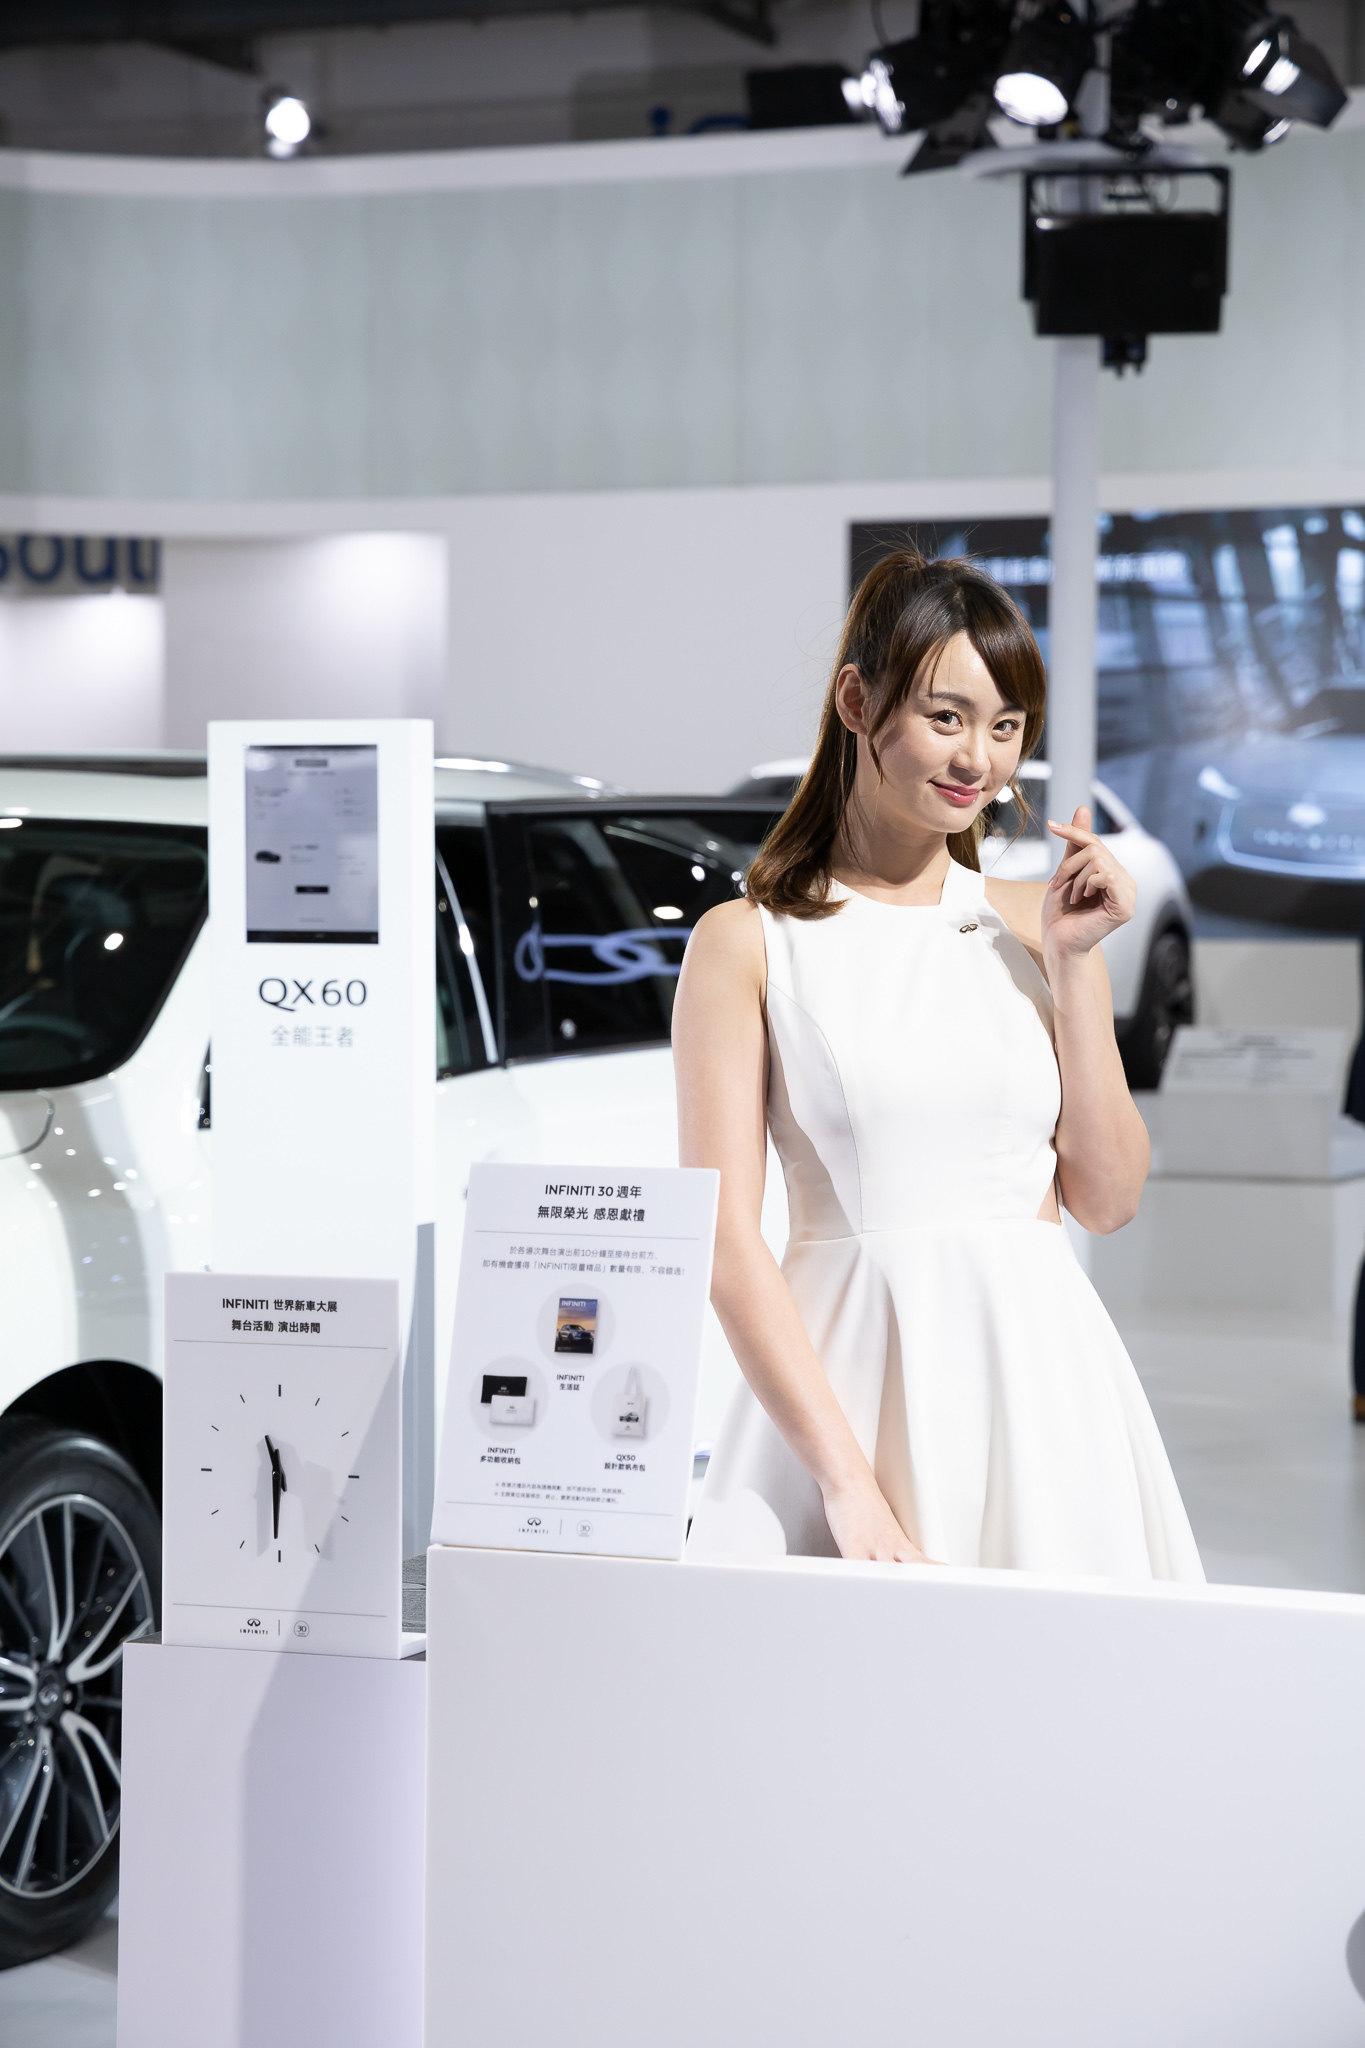 汽車 Cars - 台北 2020 Taipei 2020 #0098